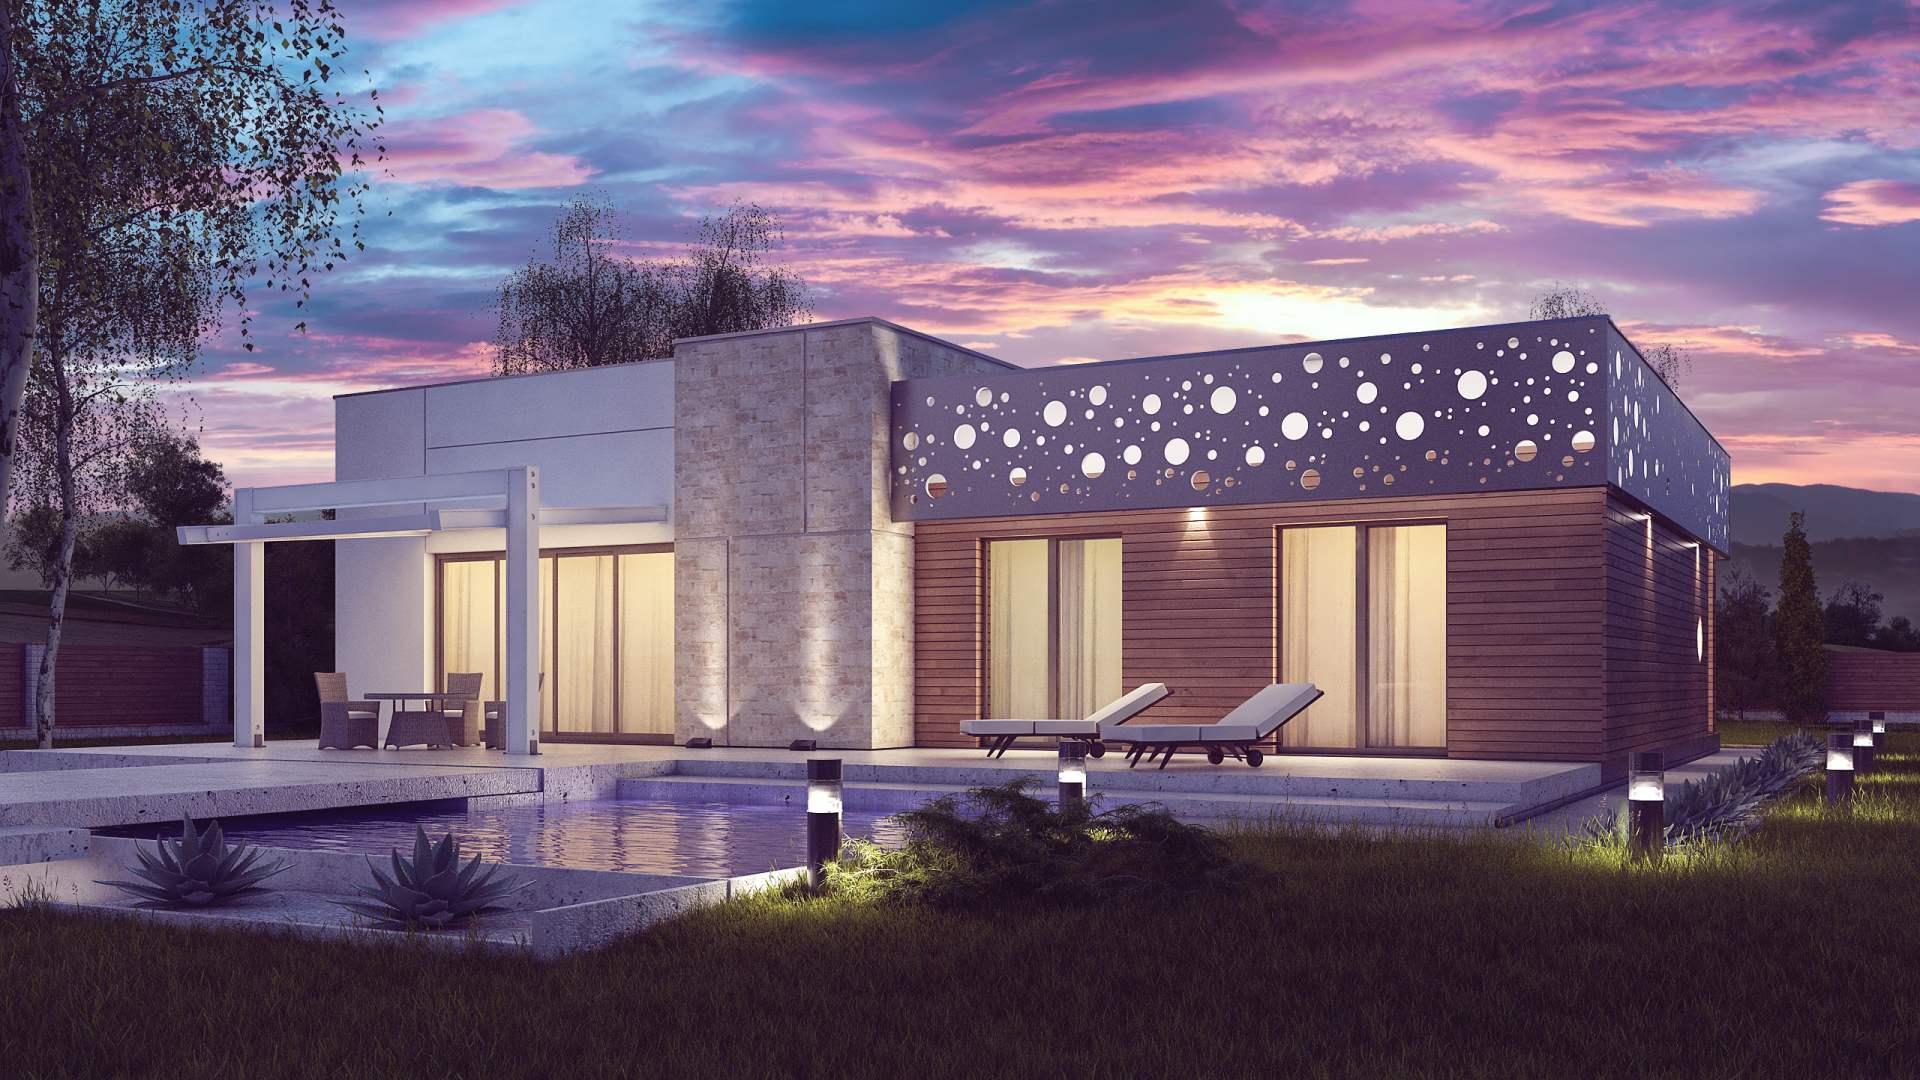 wizualizacje 3d domów jednorodzinnych z płaskim dachem